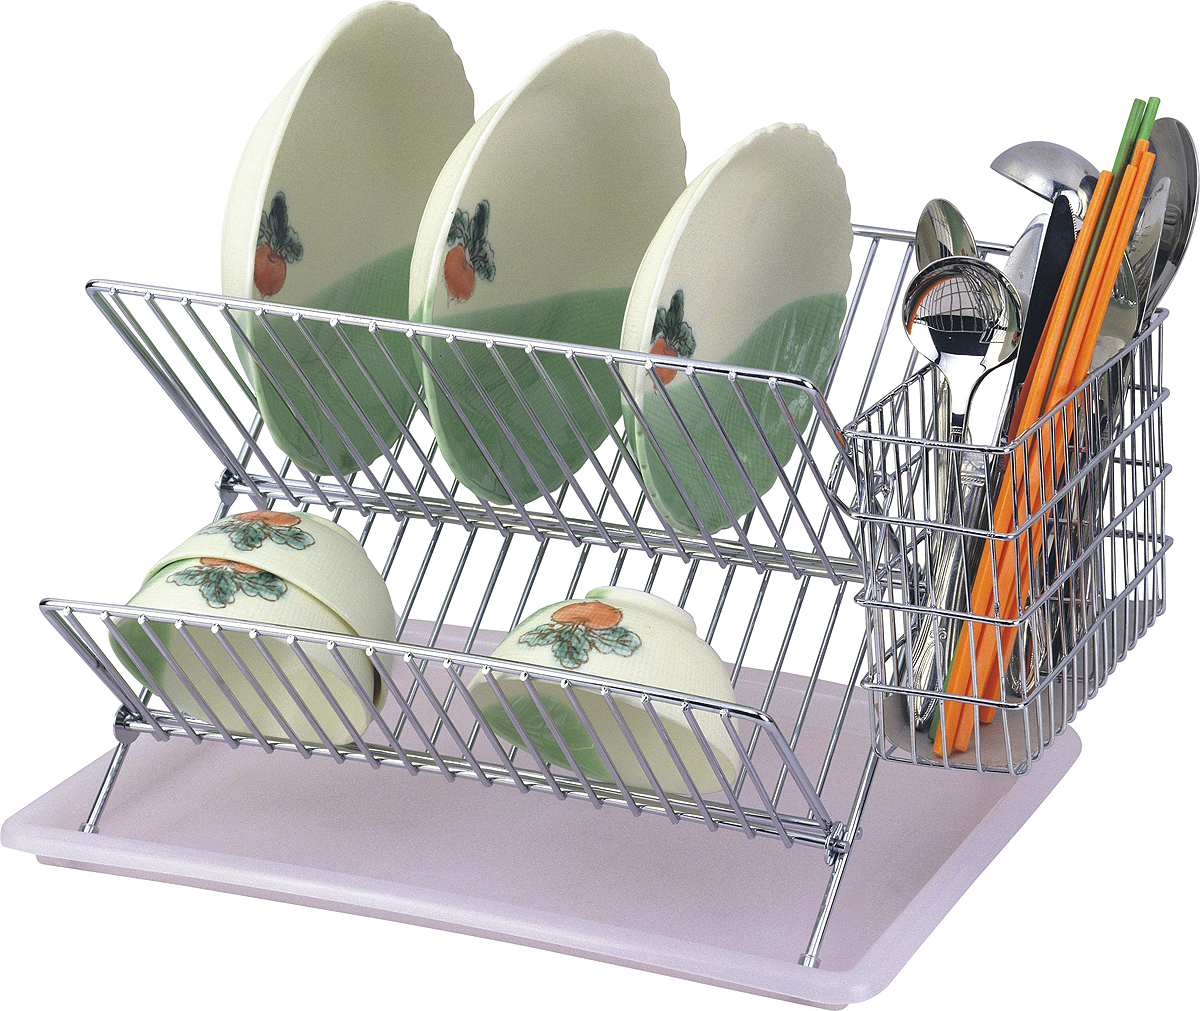 Сушилка для посуды Travola, двухъяруснаяAE-561Двухъярусная сушилка для посуды Travola, изготовленная из стали и пластика, представляет собой решетку с ячейками для посуды и подставки для столовых приборов. Изделие оснащено пластиковым поддоном для стекания воды. На такой сушилке вы сможете разместить большое количество предметов. Размеры поддона: 40 х 28 х 2 смРазмеры подставки для приборов: 16 х 16 х 3 см